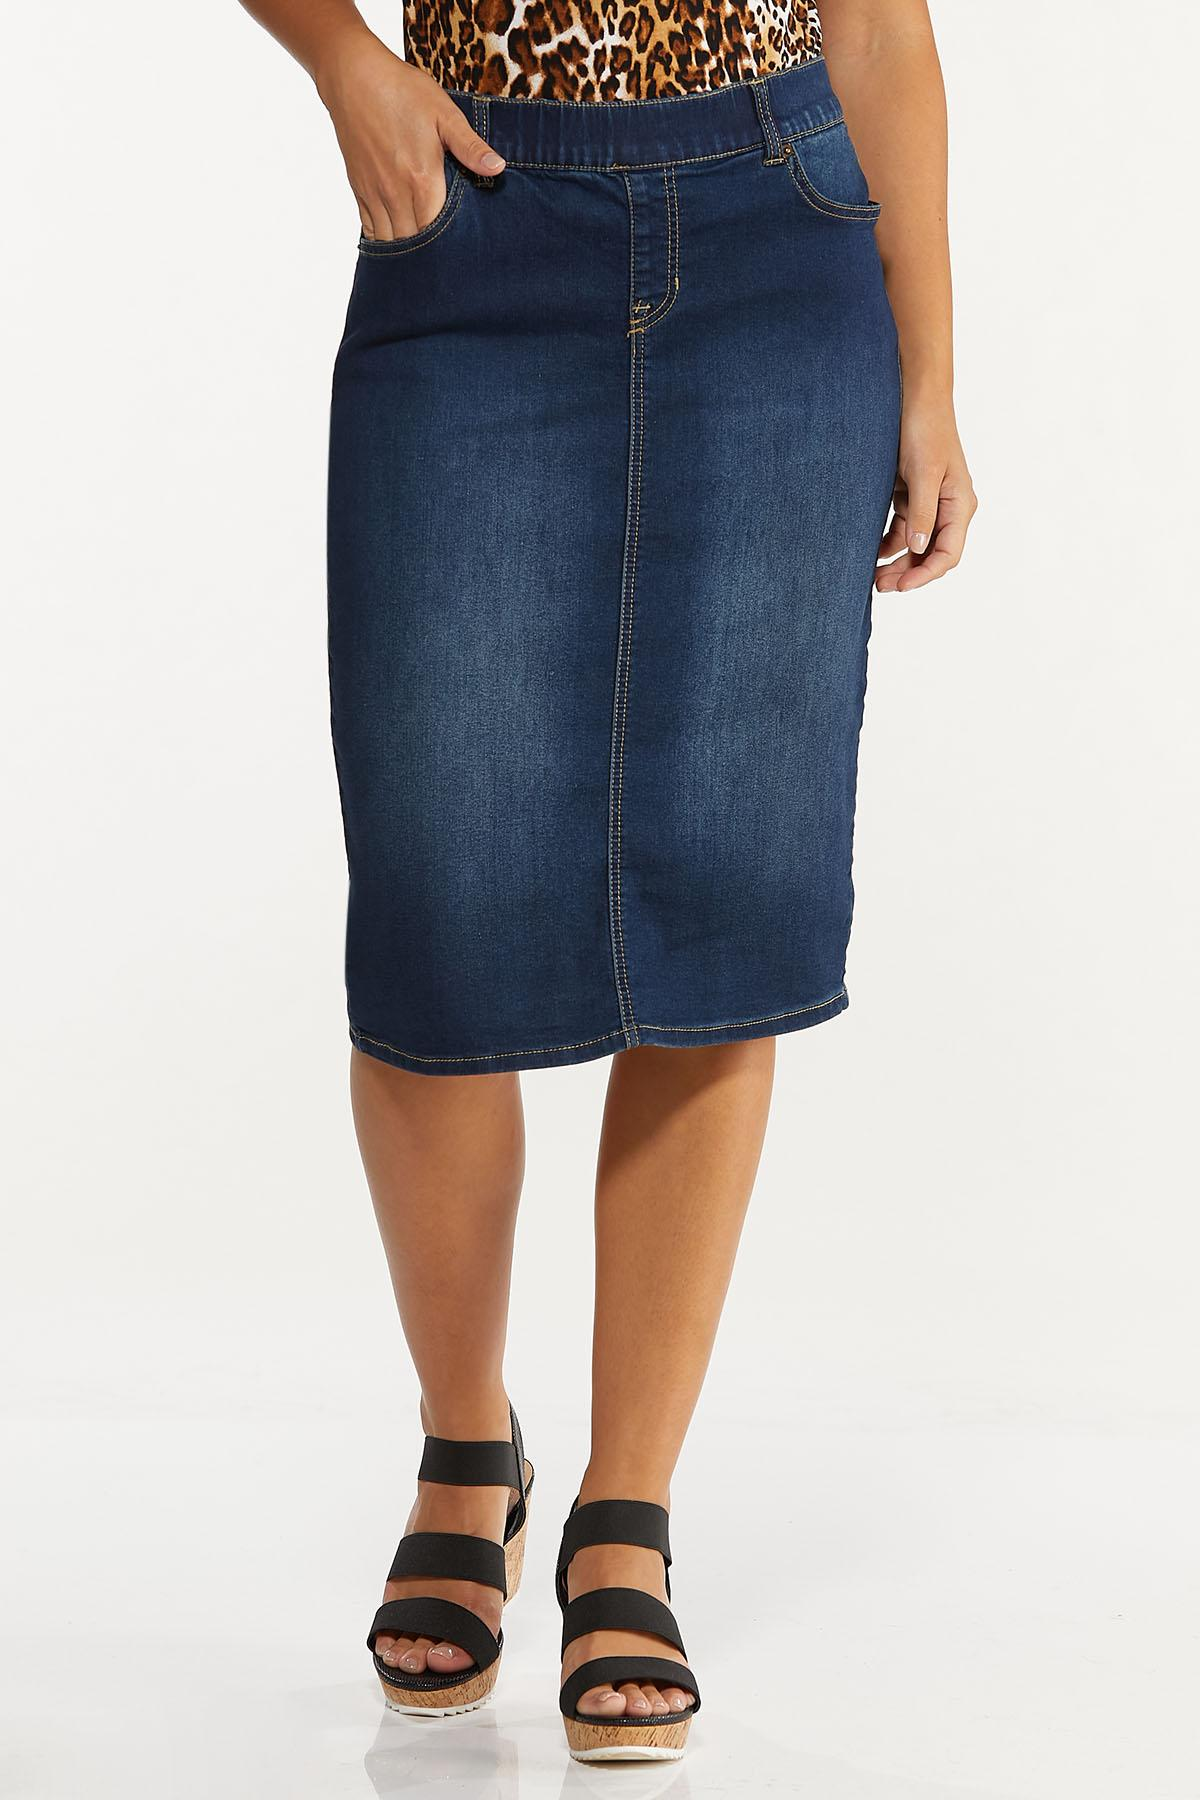 Dark Denim Pull-On Skirt (Item #44636464)